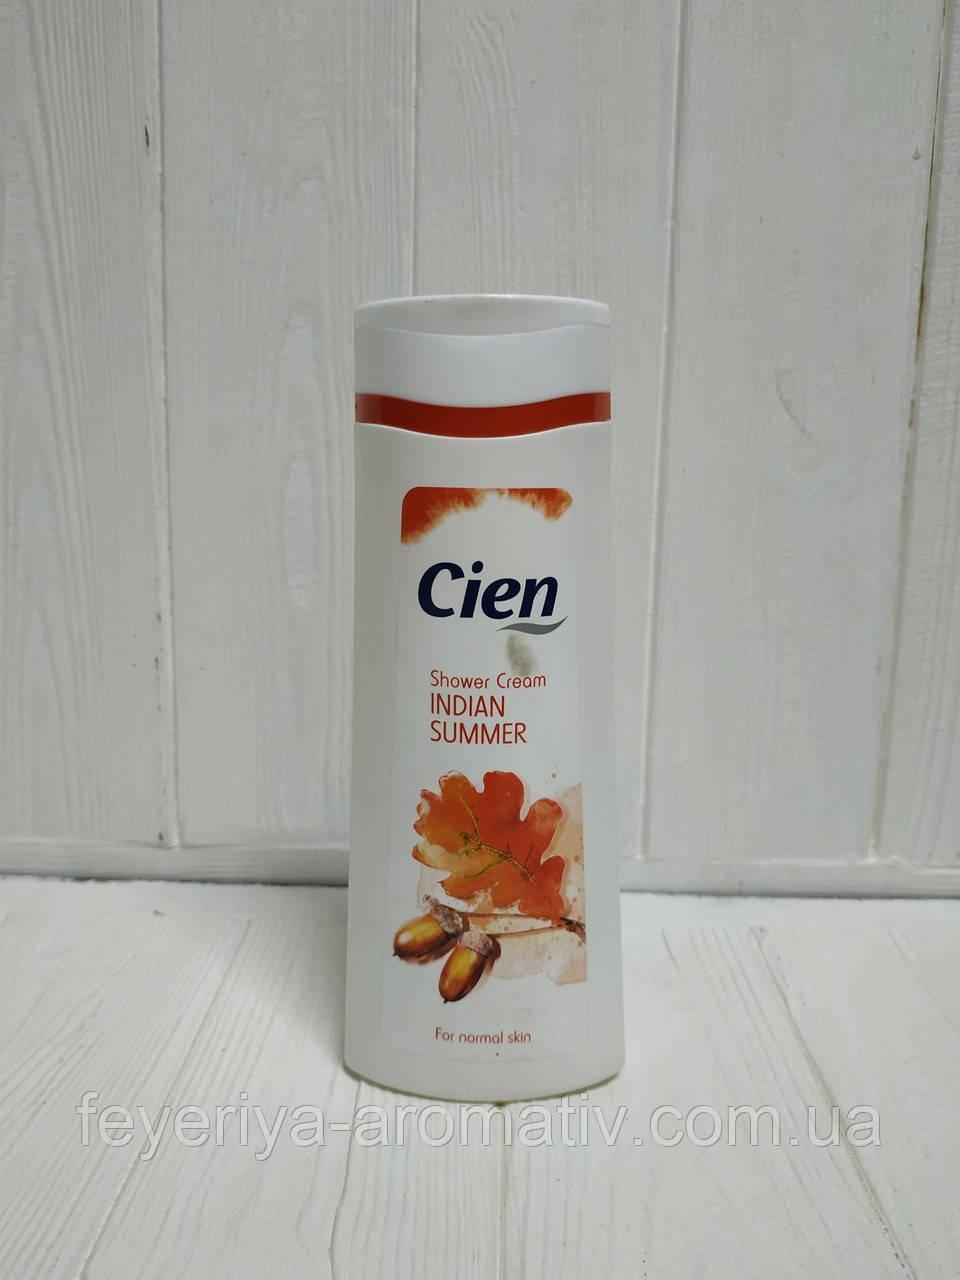 Гель-крем для душа Cien 300ml Indian Summer